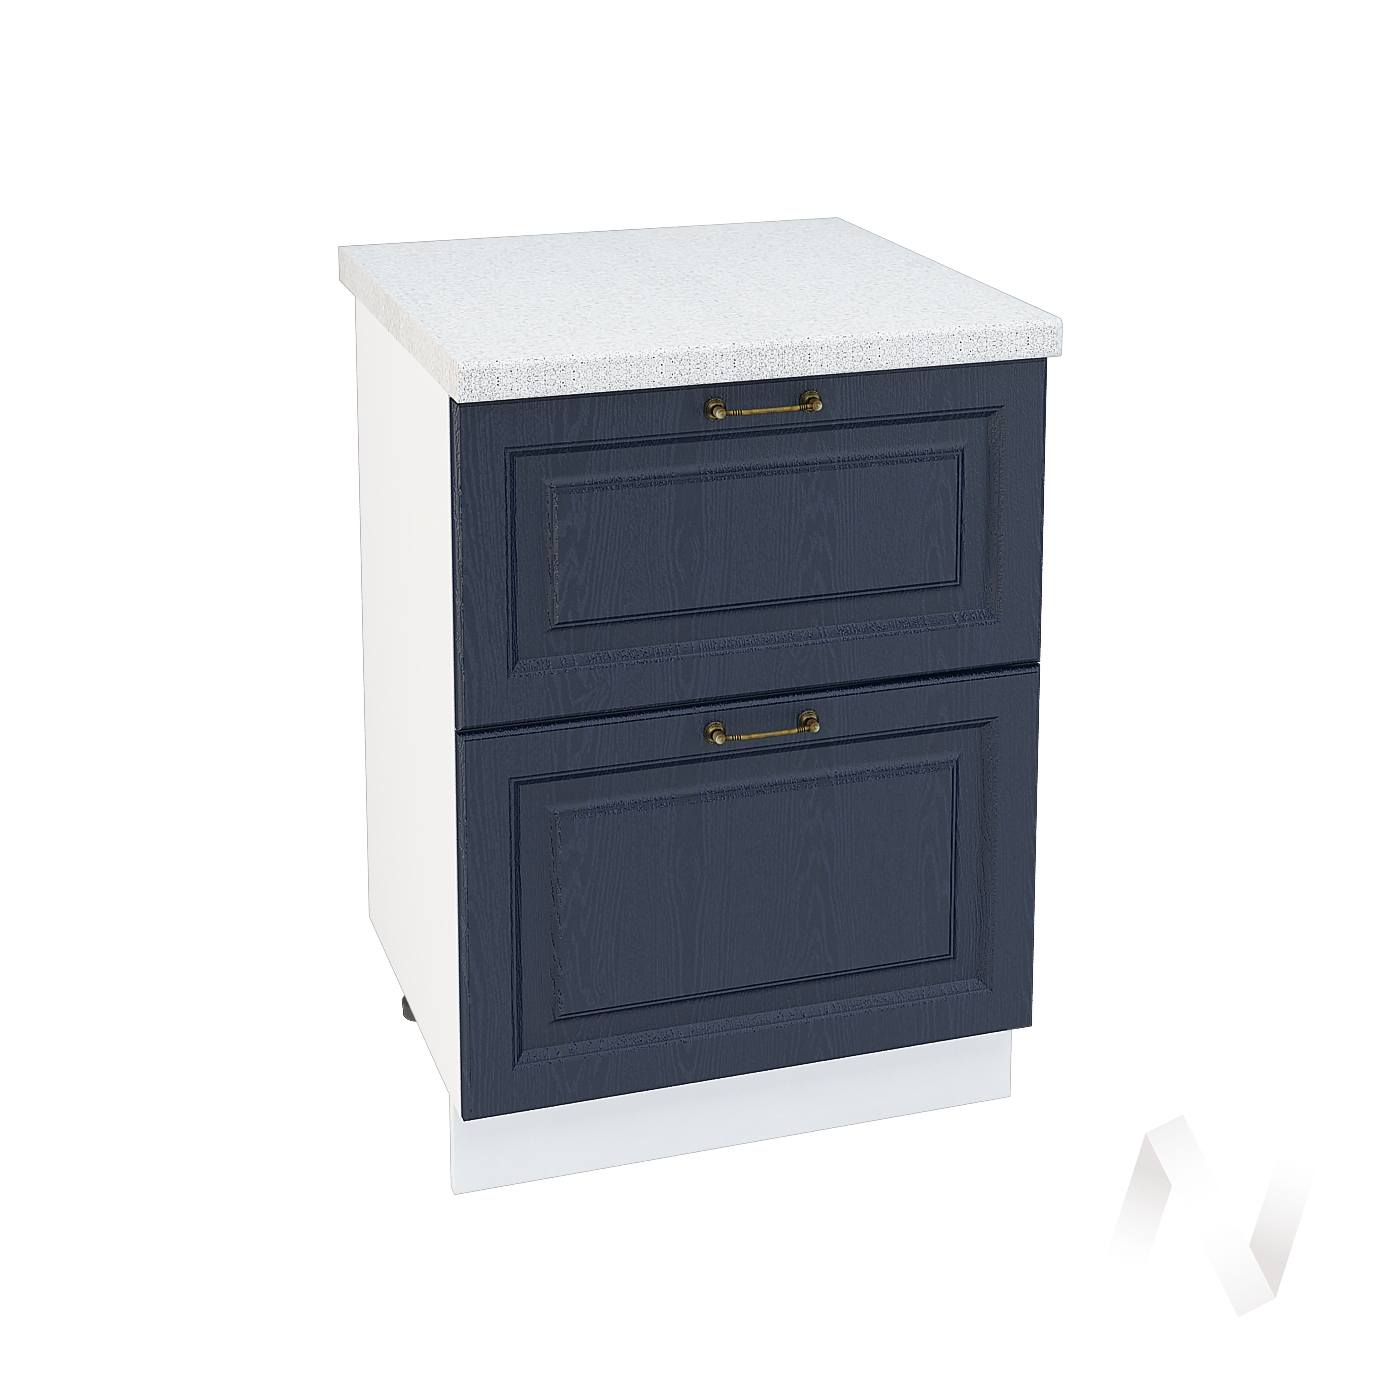 """Кухня """"Ницца"""": Шкаф нижний с 2-мя ящиками 600, ШН2Я 600 (Дуб чернильный/корпус белый)"""